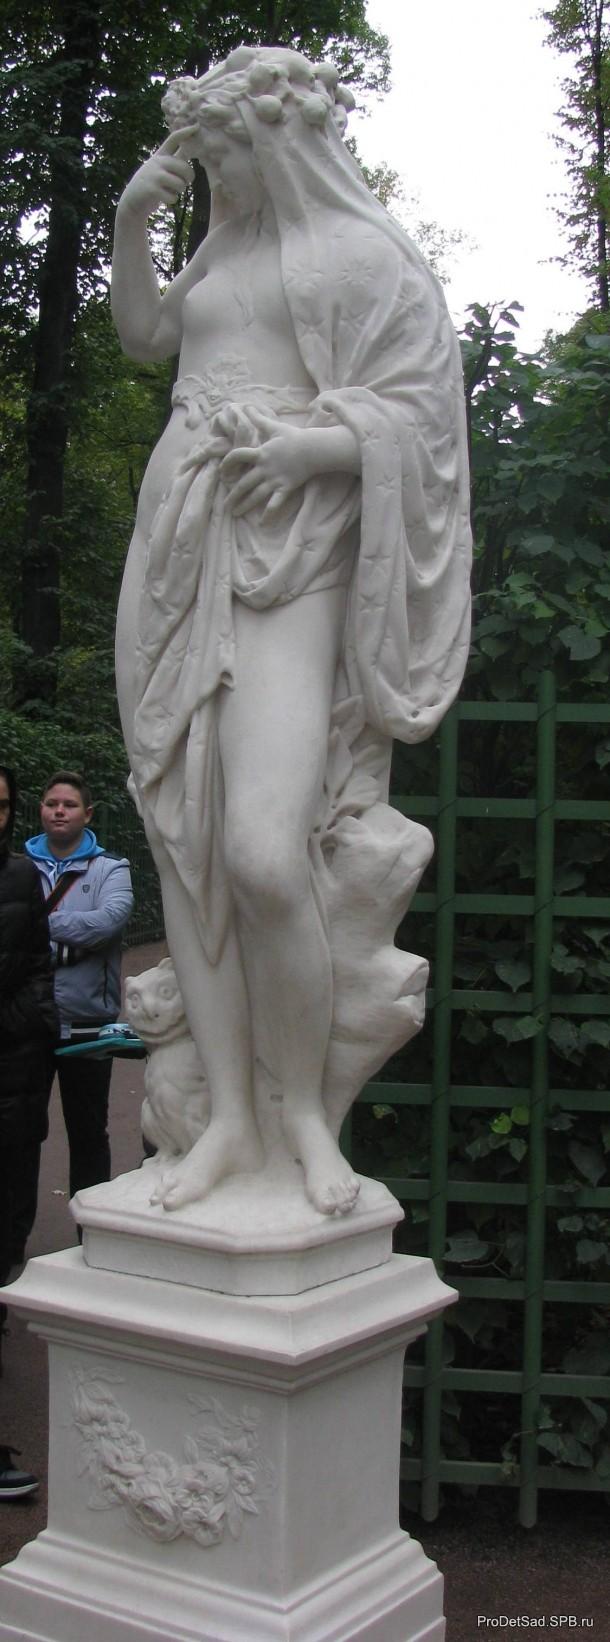 статуя Ночь в Летнем саду